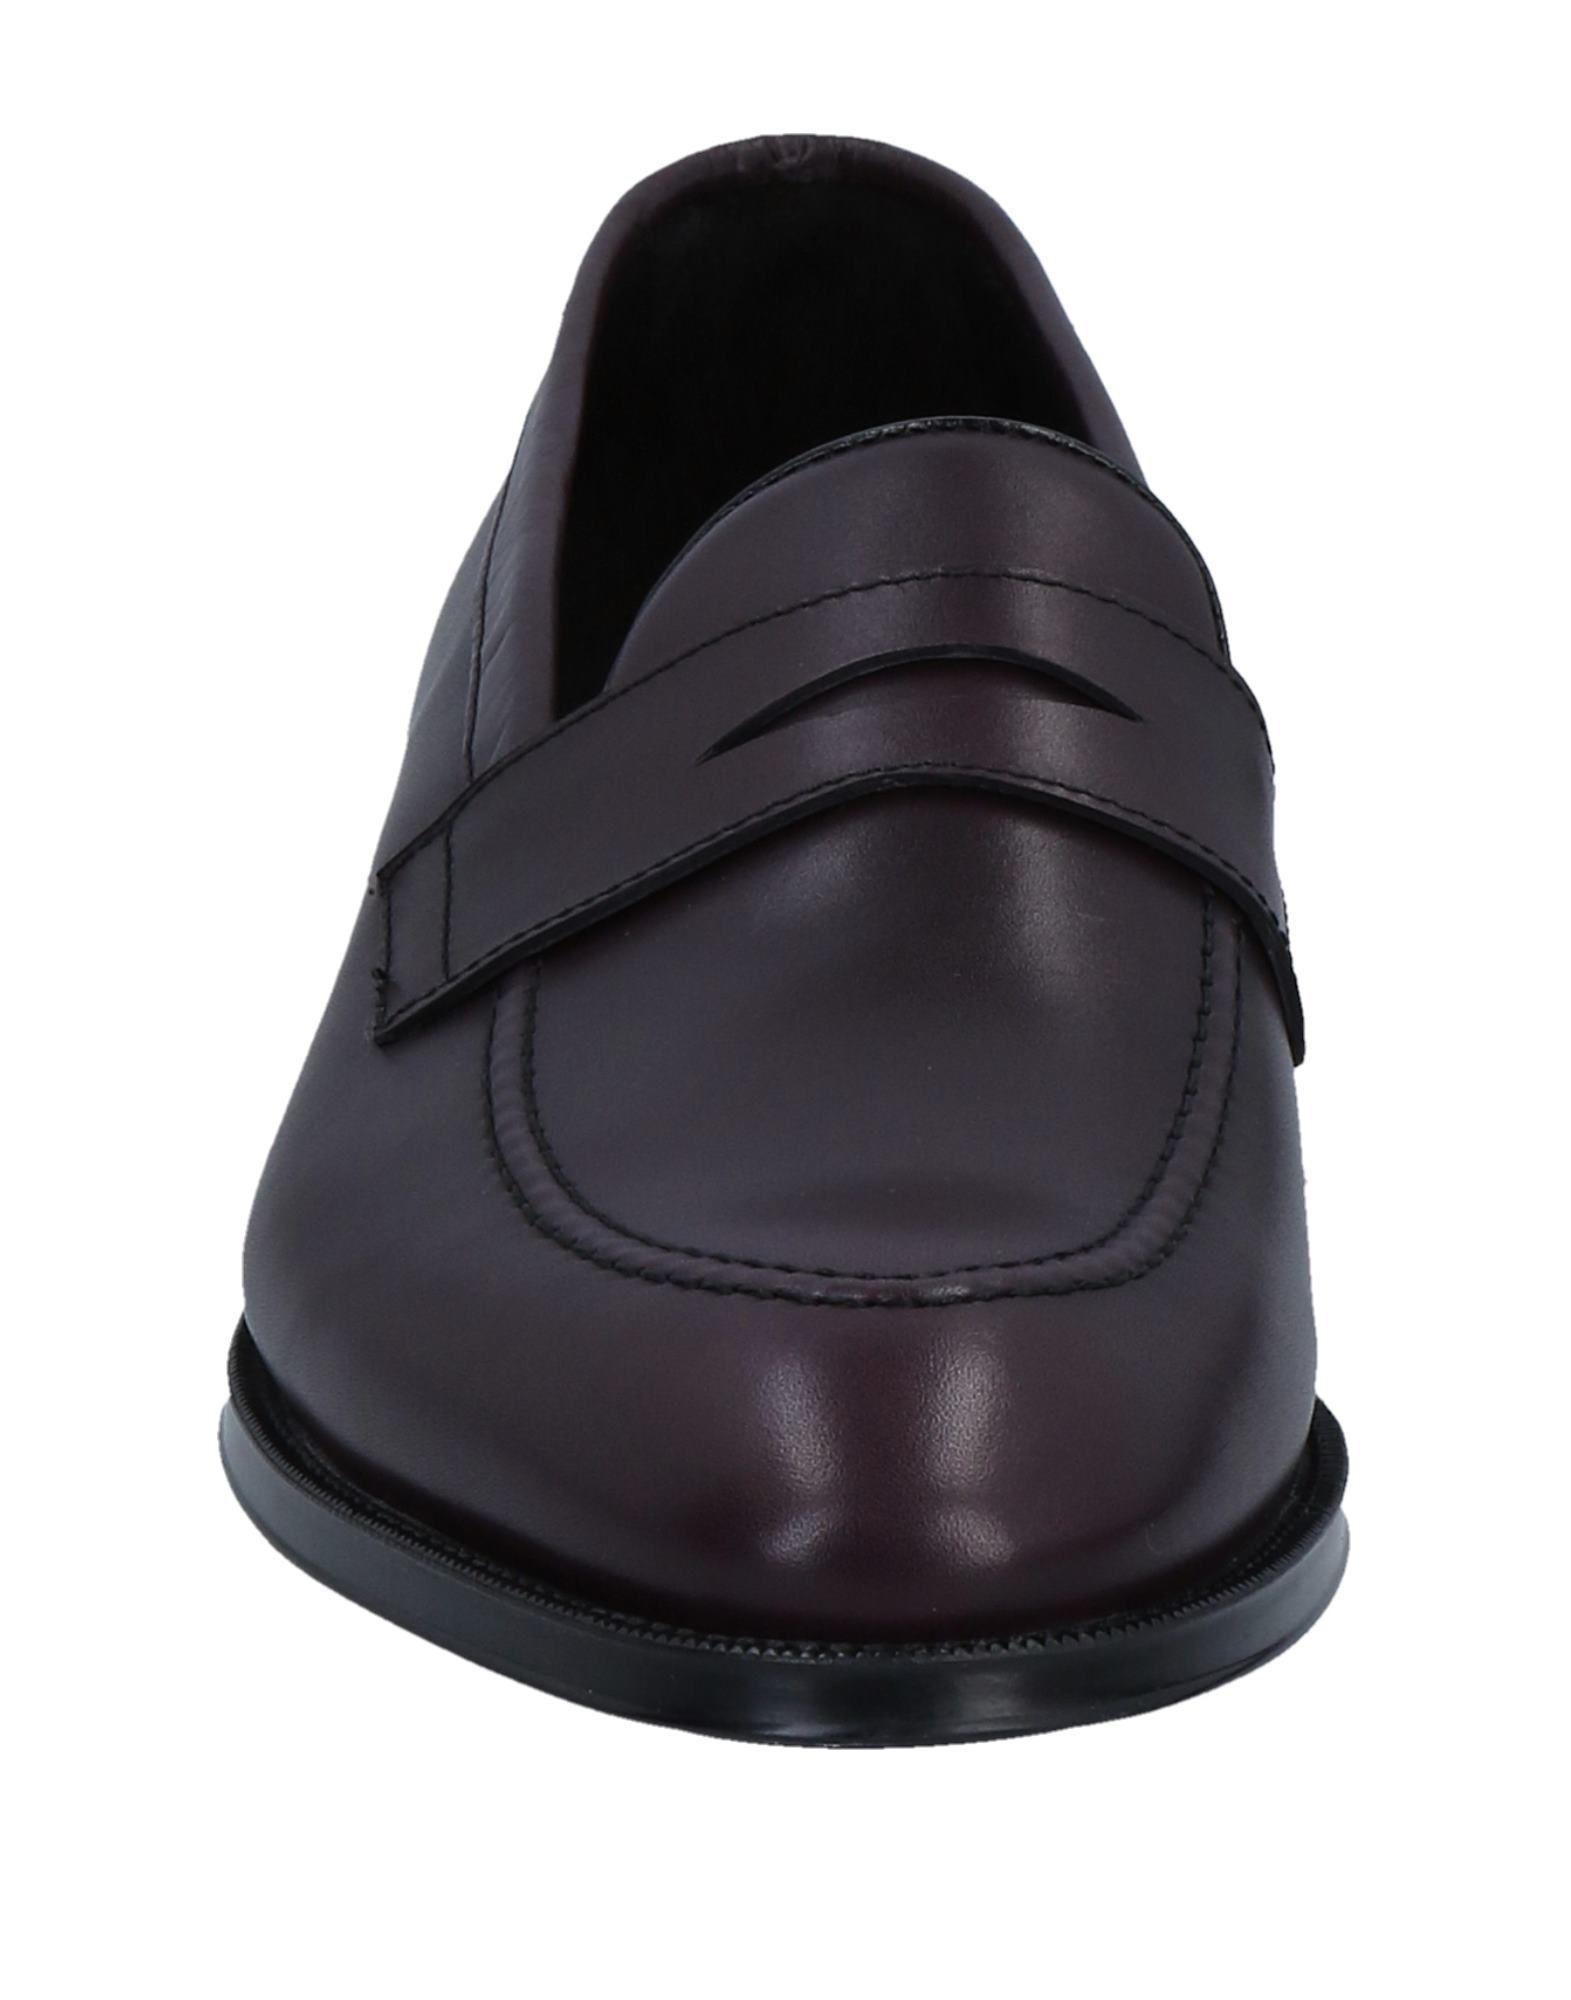 Doucal's Mokassins Herren  11502115UE Schuhe Gute Qualität beliebte Schuhe 11502115UE ca89e0